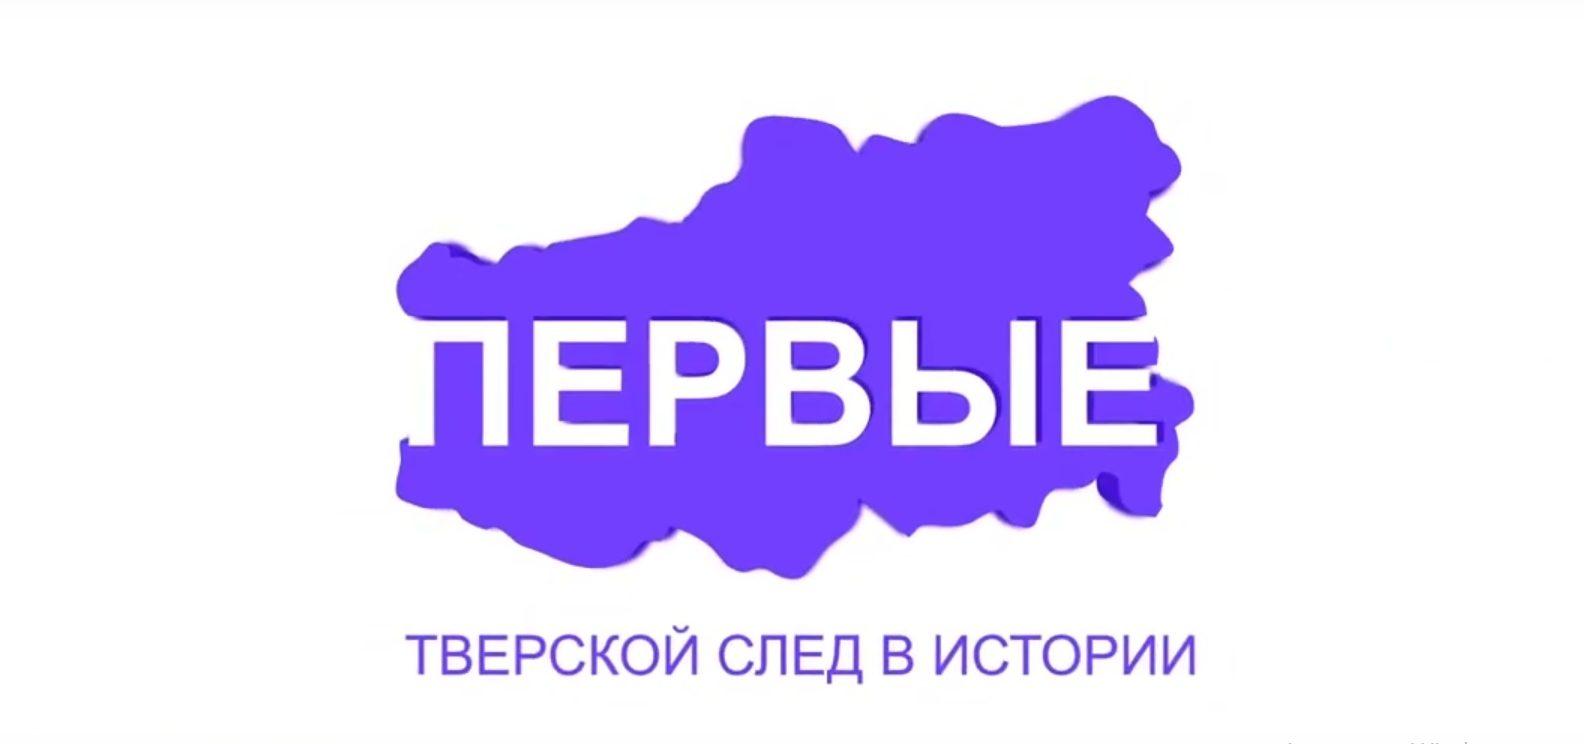 """Проект """"Первые"""": Всесоюзный староста - первый президент СССР"""